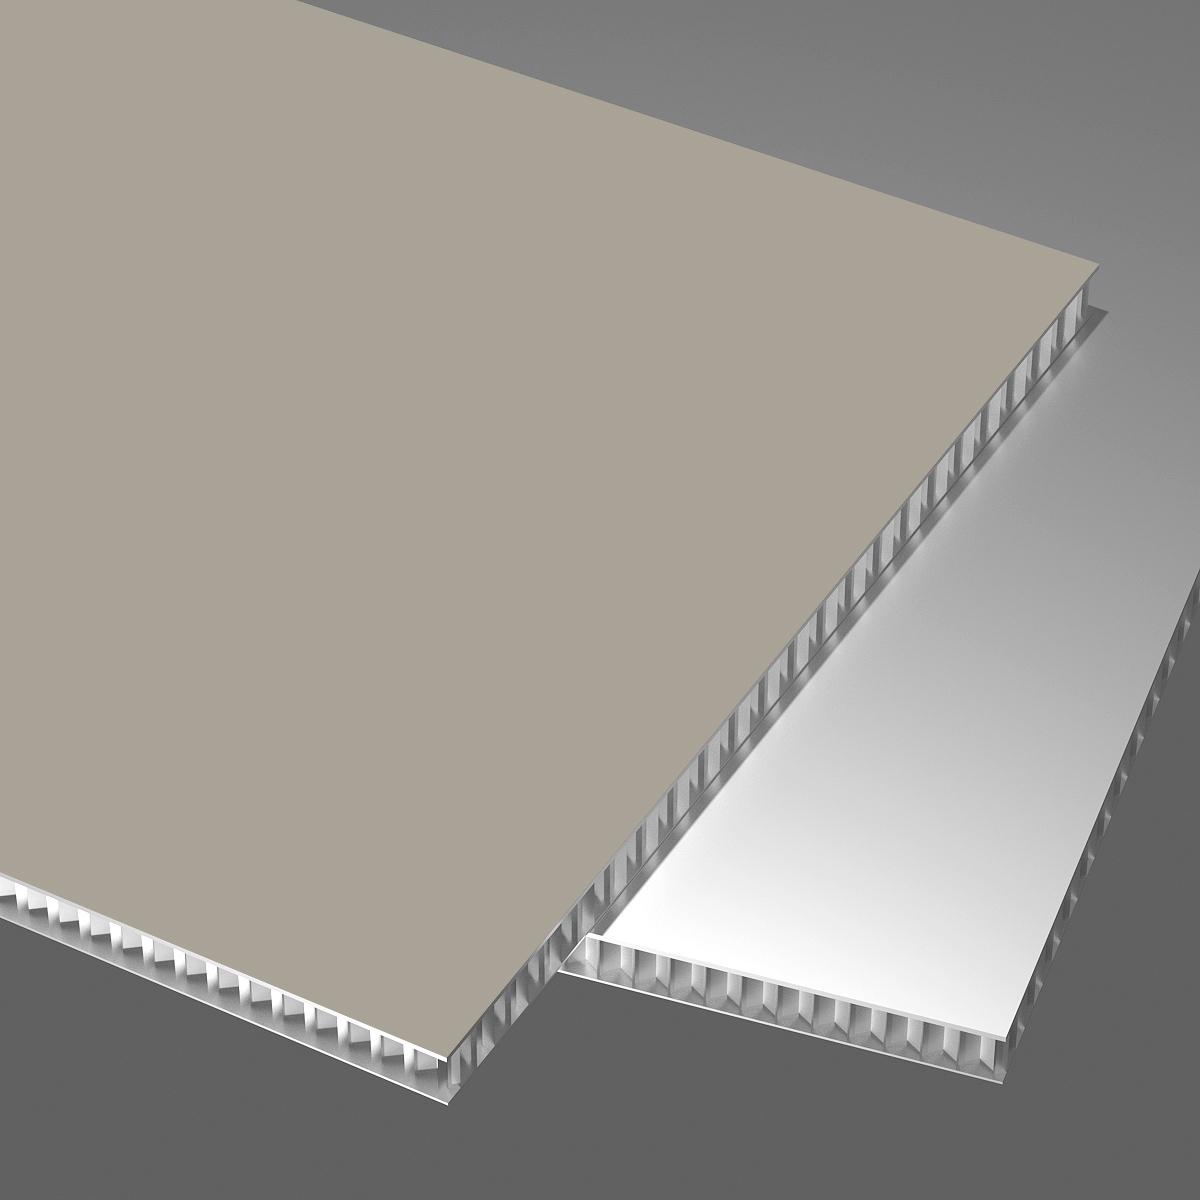 单色系列铝蜂窝板抗刮涂哑光阳极氧化喷涂辊涂亮光UV珠光